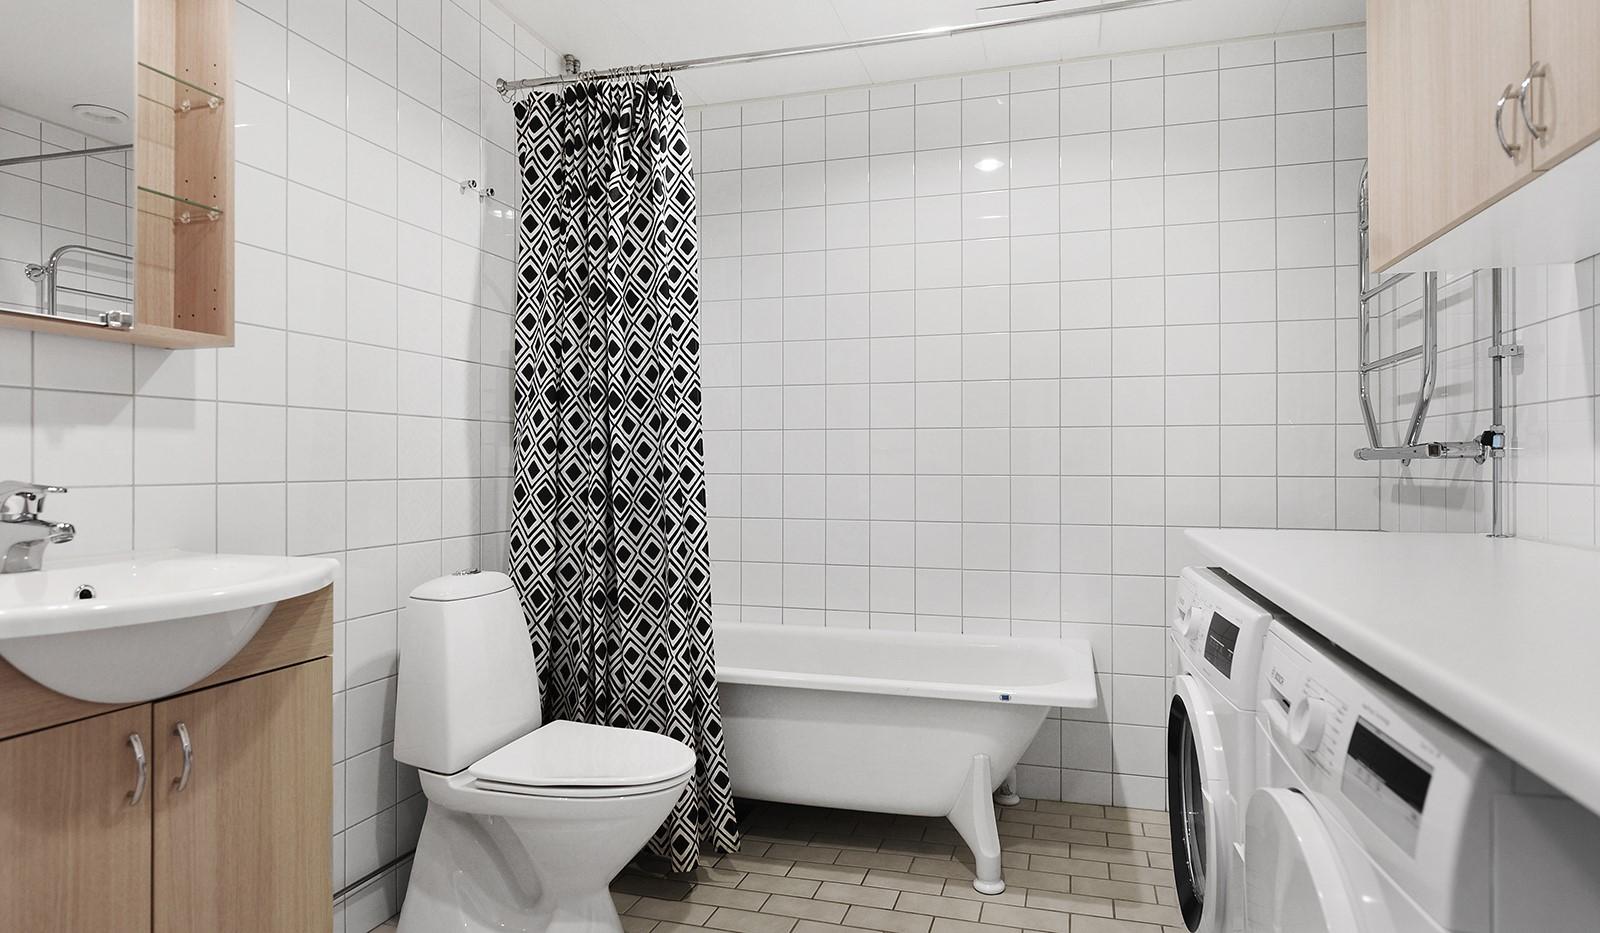 Sjöviksvägen 45, 2tr - Stort badrum med golvvärme